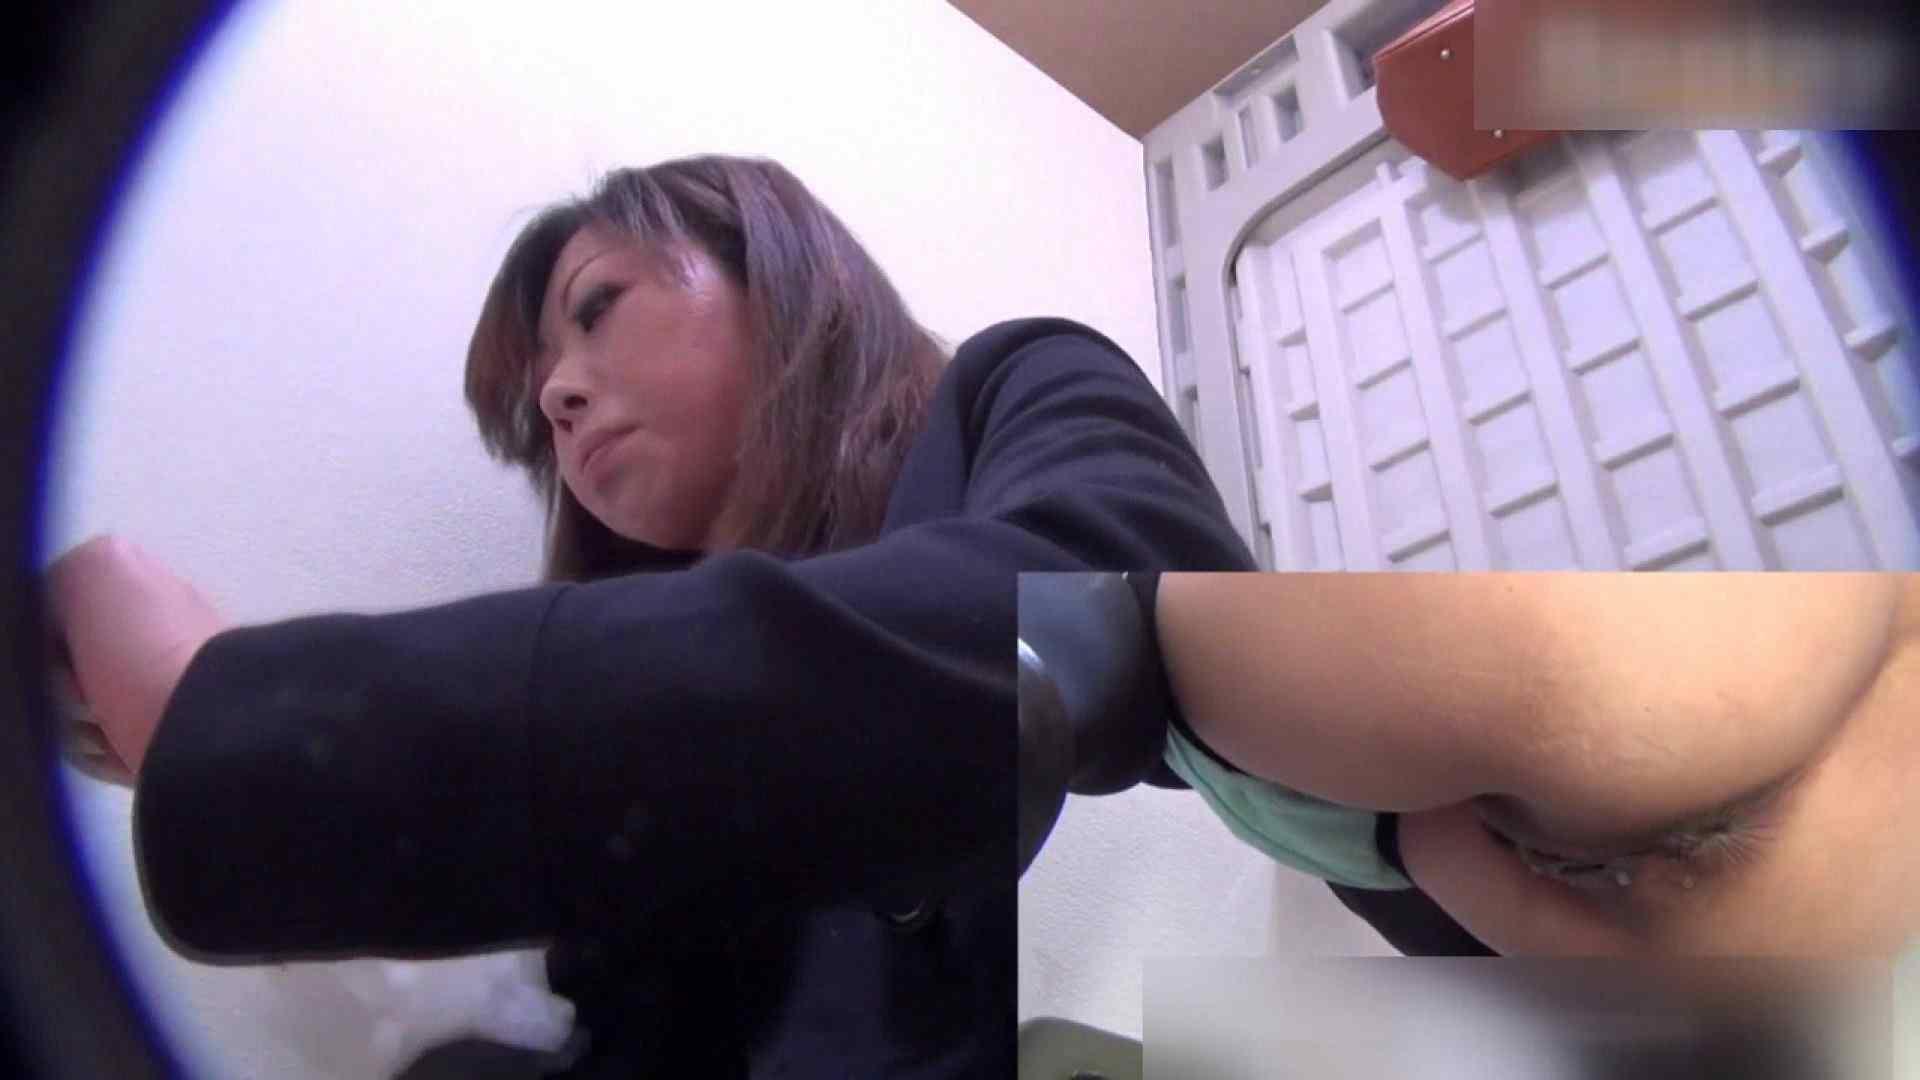 洗面所盗撮~隣の美人お姉さんVol.19 洗面所突入 ワレメ動画紹介 94pic 52